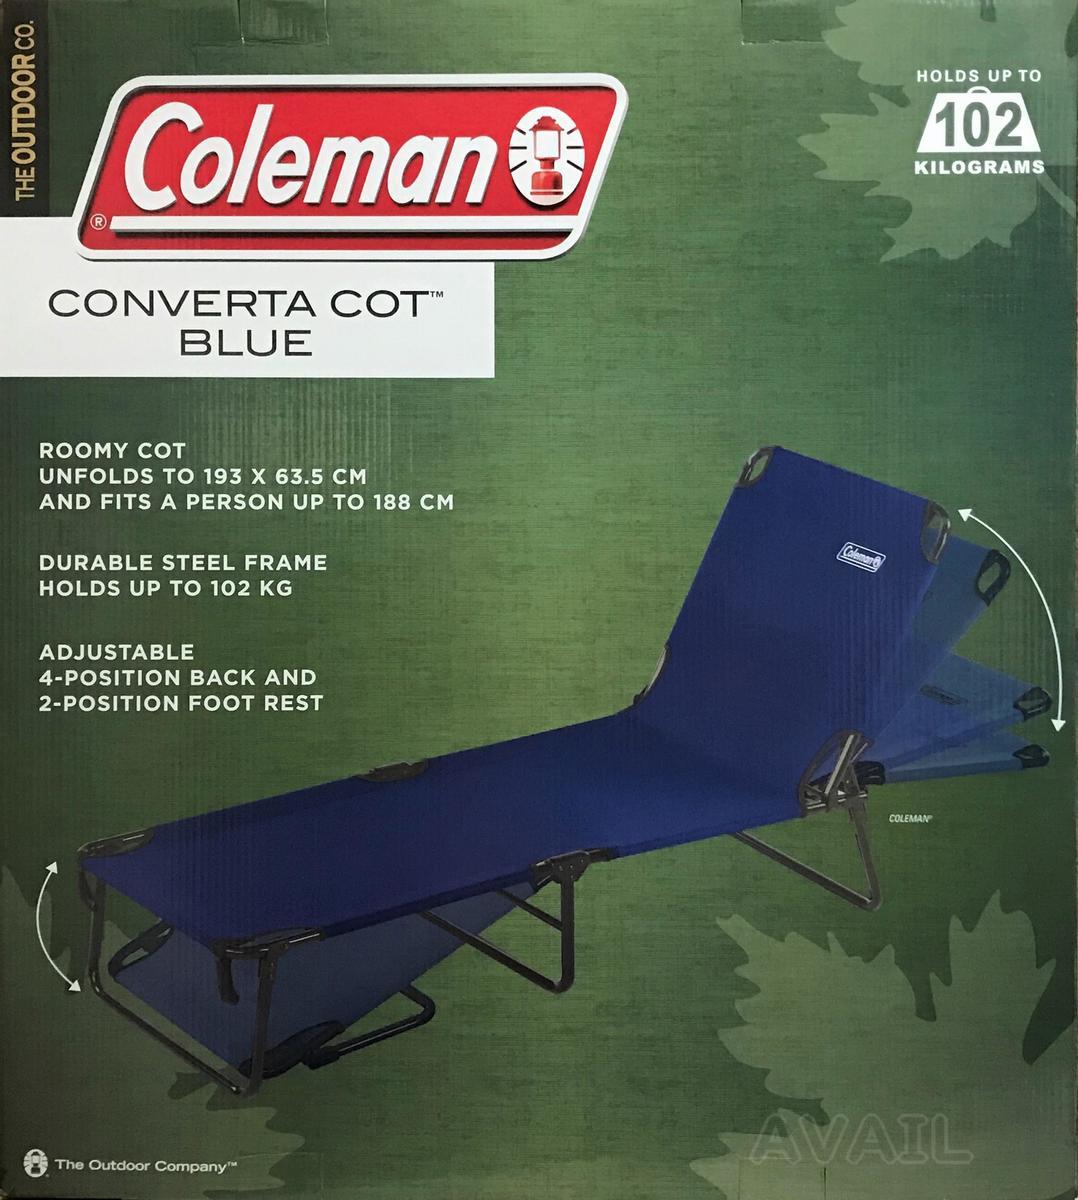 Coleman コールマン コンバータ コット 紺 ブルー コンバータコット アウトドアベッド キャンプベッド ラウンジャー ベッド キャンプ アウトドア レジャーベッド 折りたたみ ベッド 寝具 簡易ベッド 来客用ベッド サマーベッド